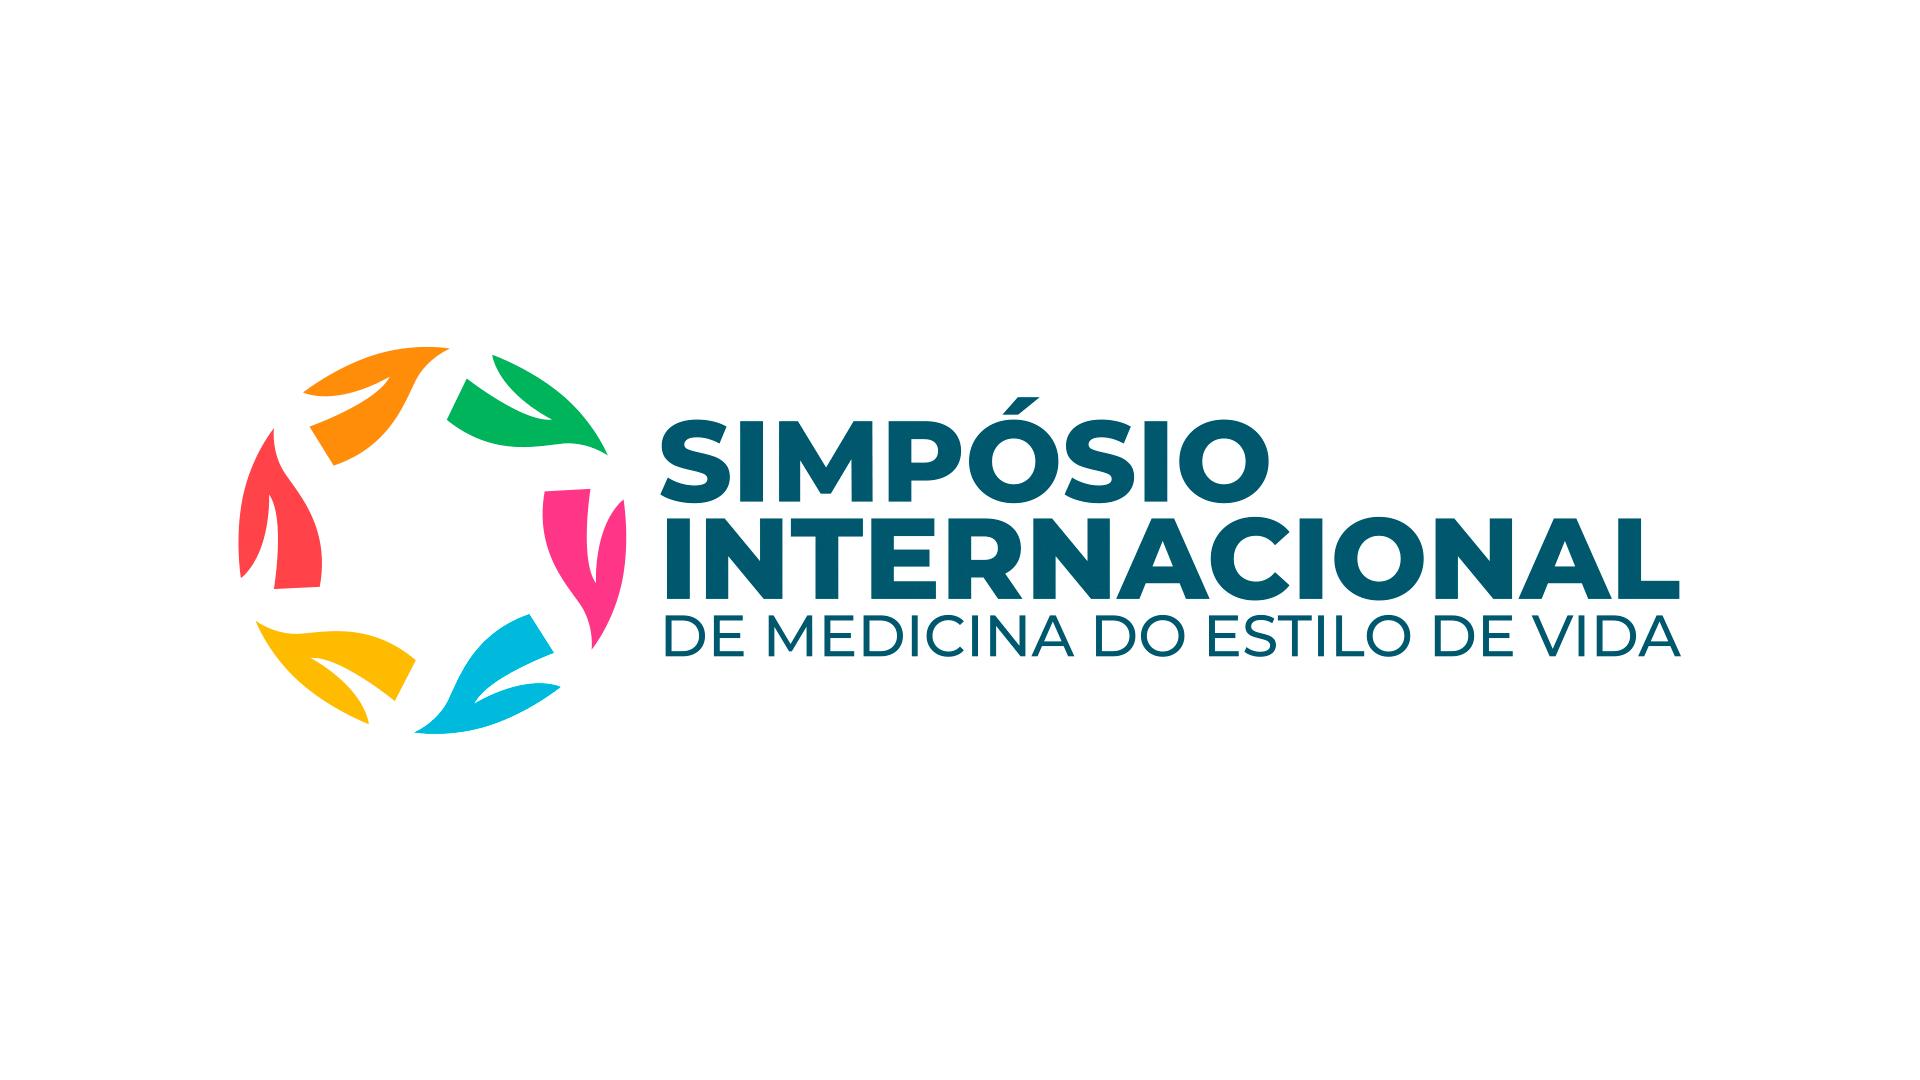 Simpósio Internacional de Medicina do Estilo de Vida